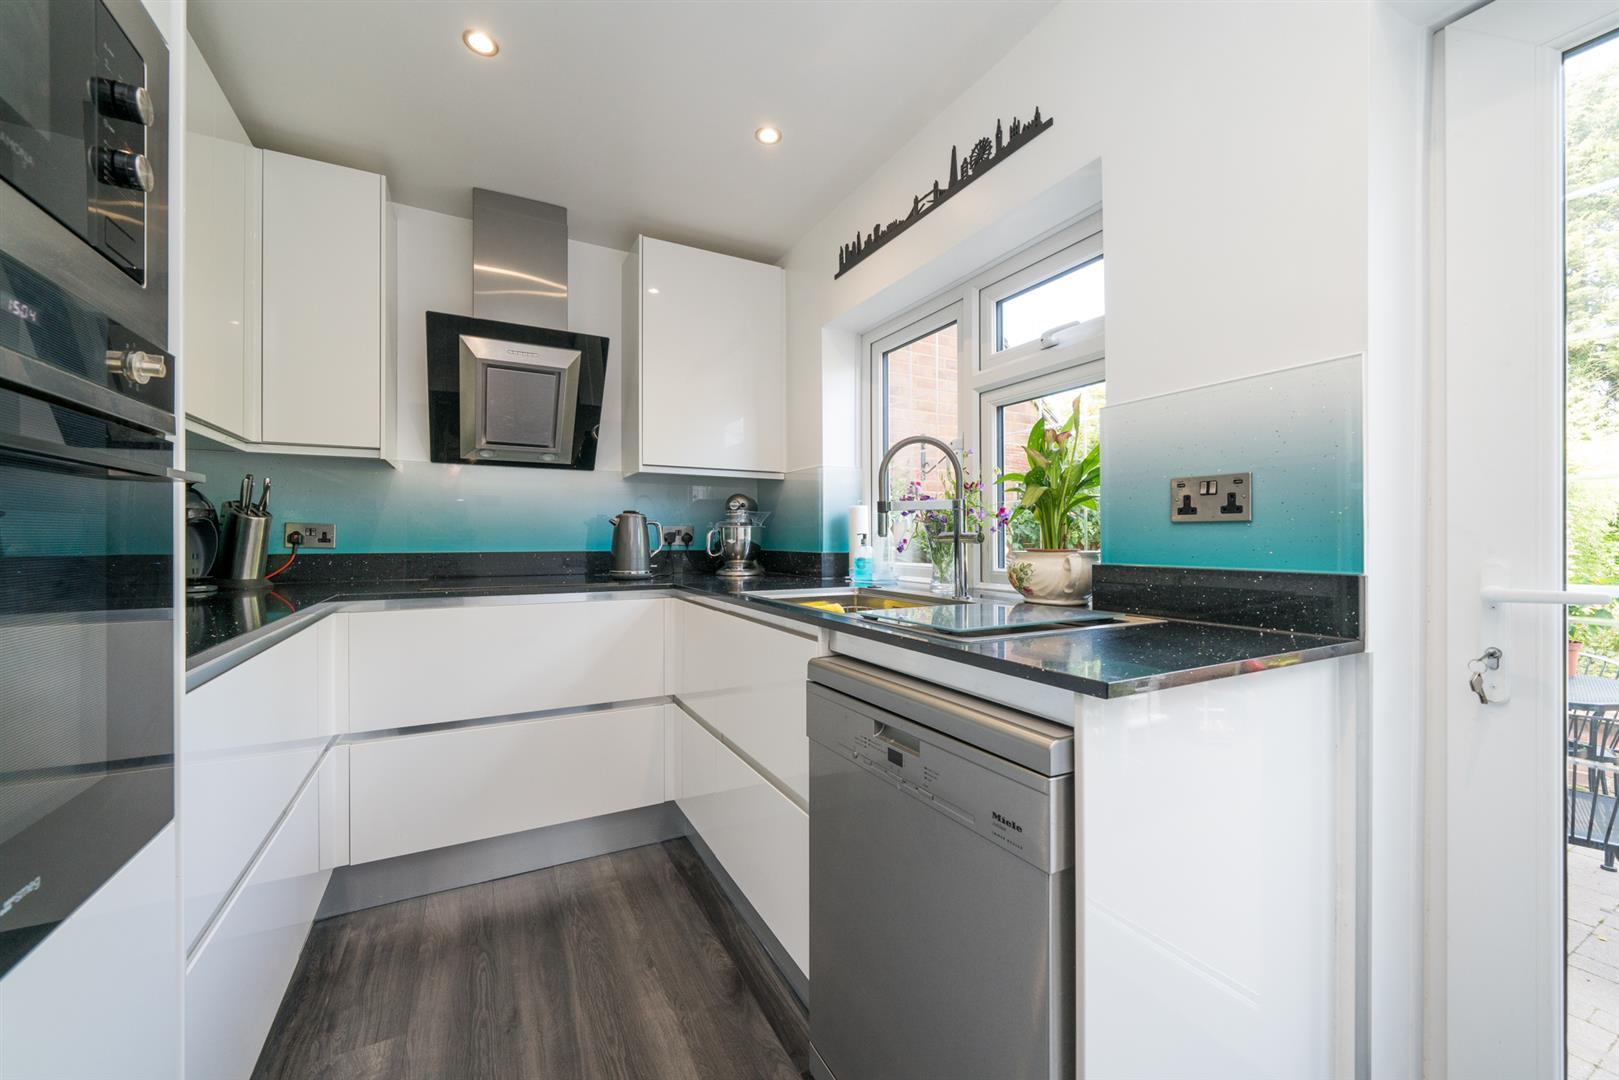 12-Ranelagh-Road-1008 (1) - kitchen.jpg